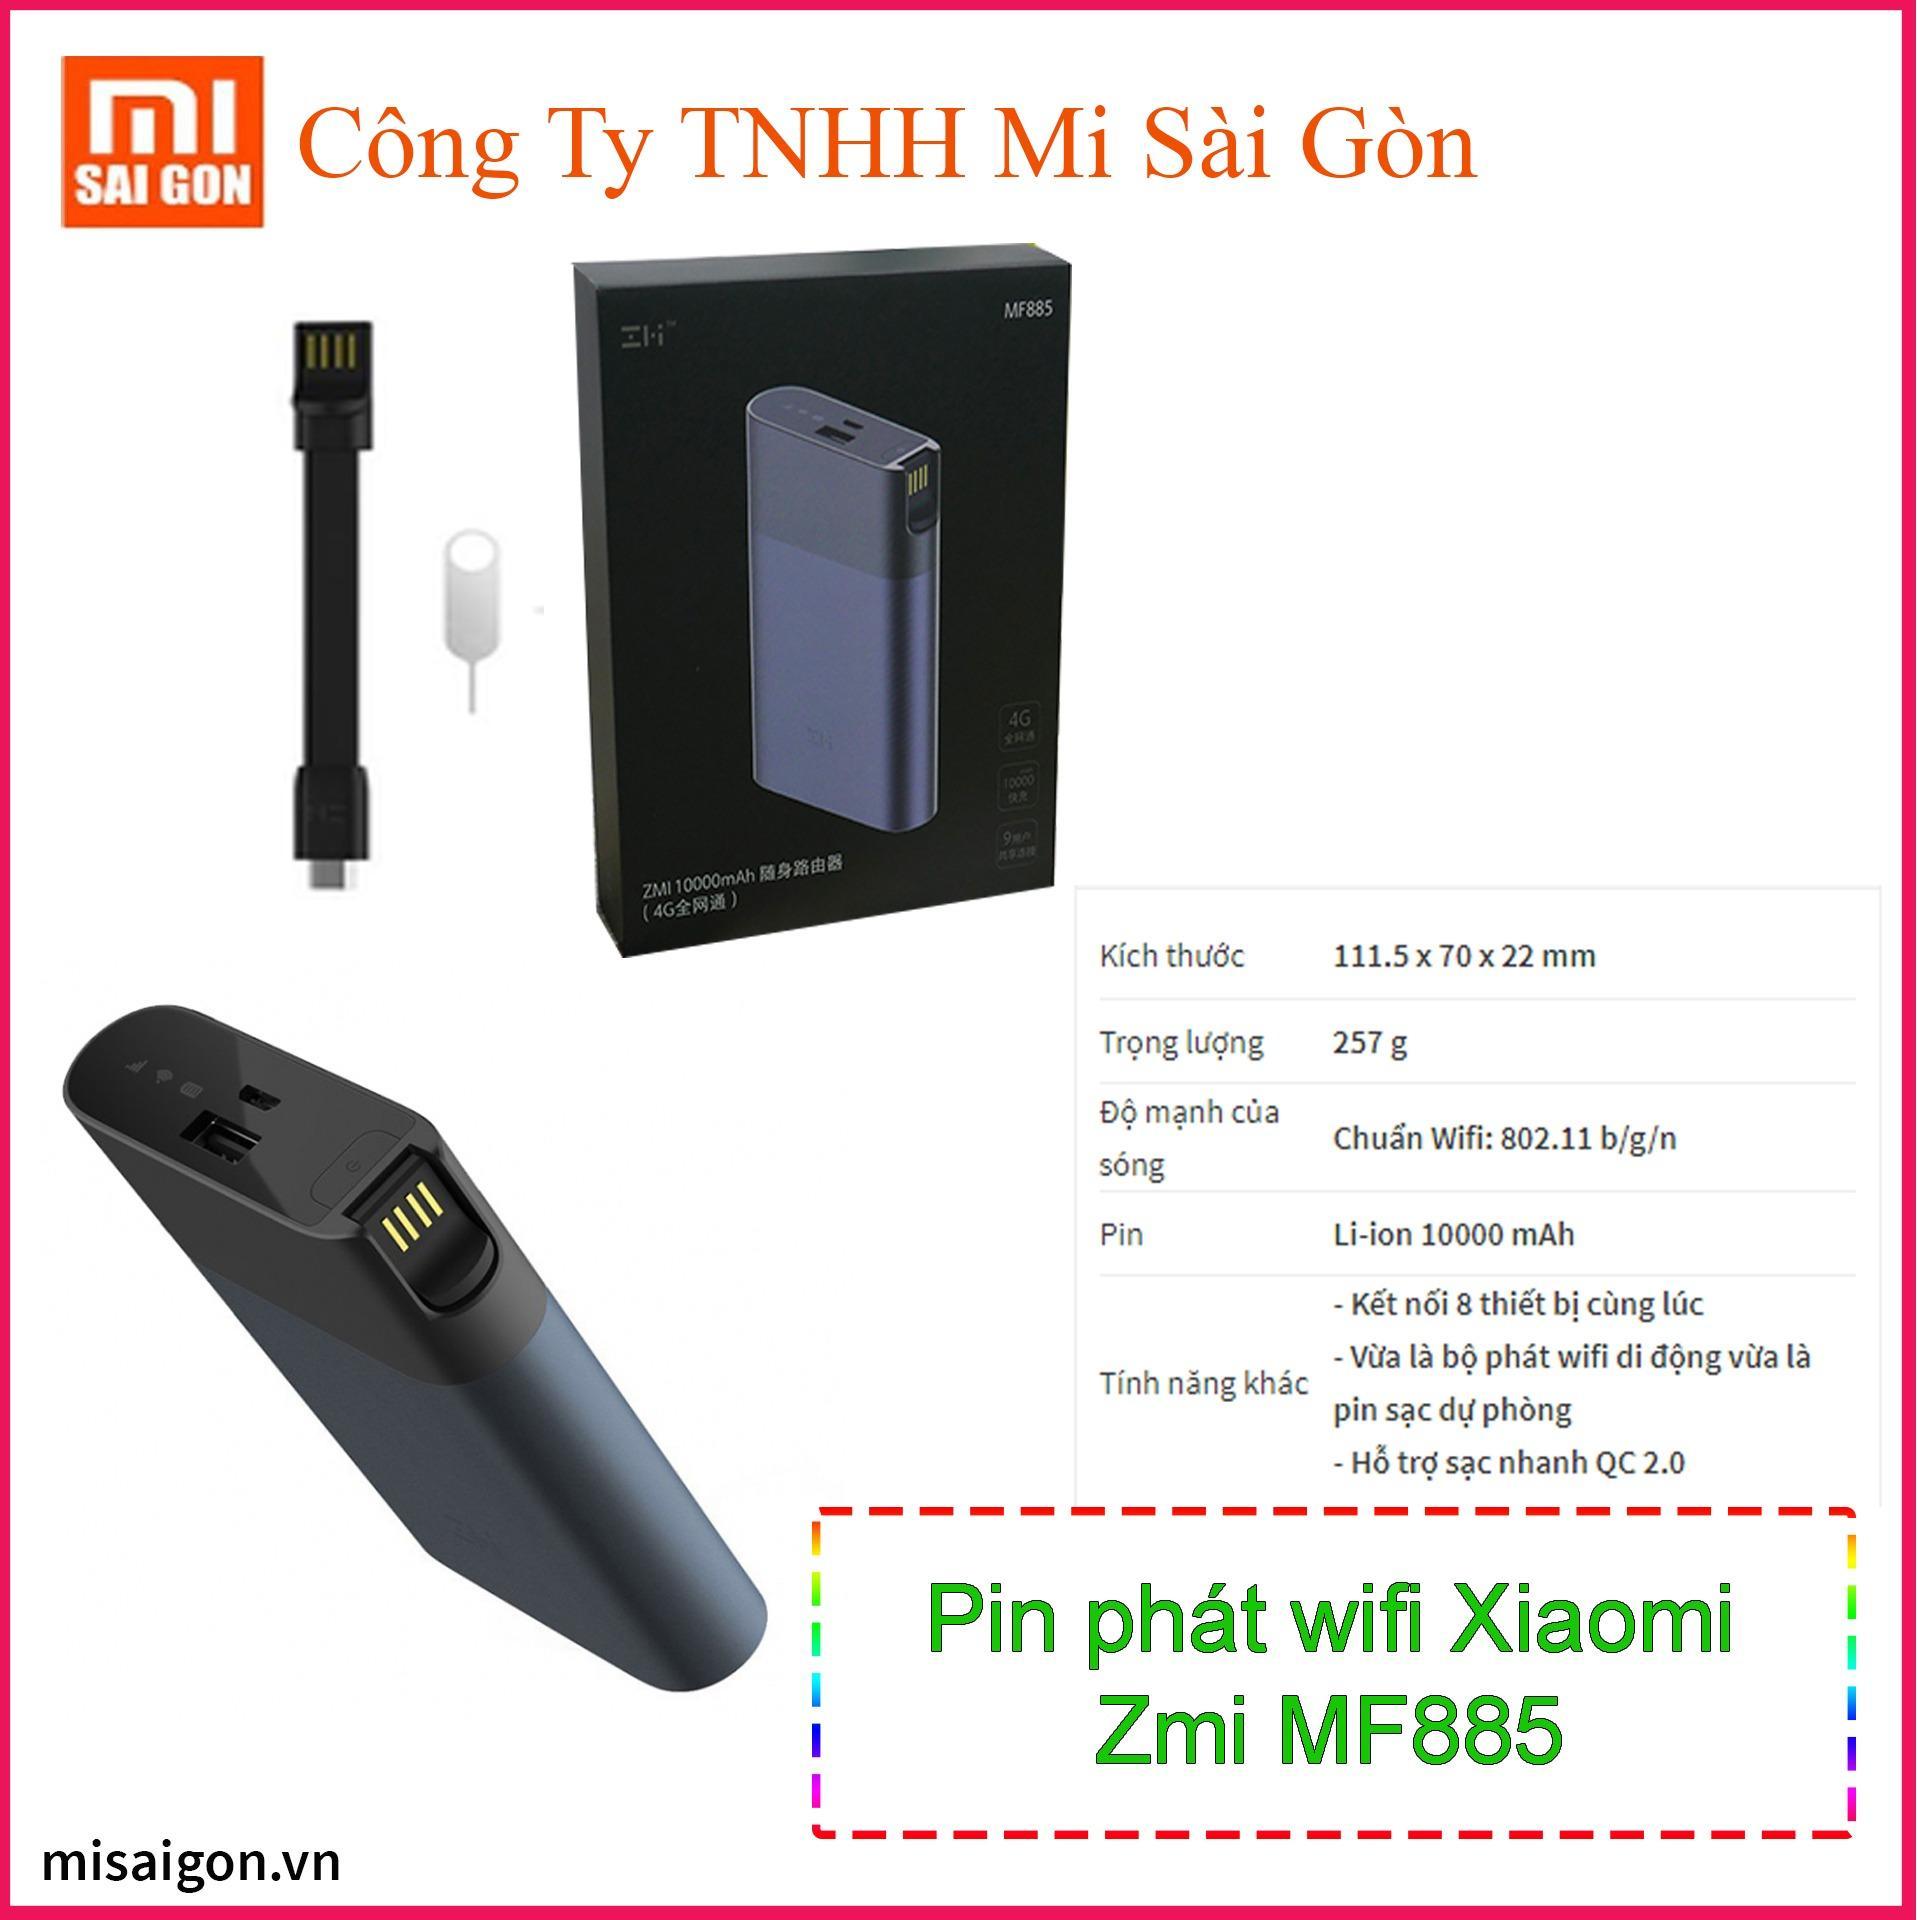 pin phát wifi di động từ sim 3G/4G kiêm sạc dự phòng zmi mf885